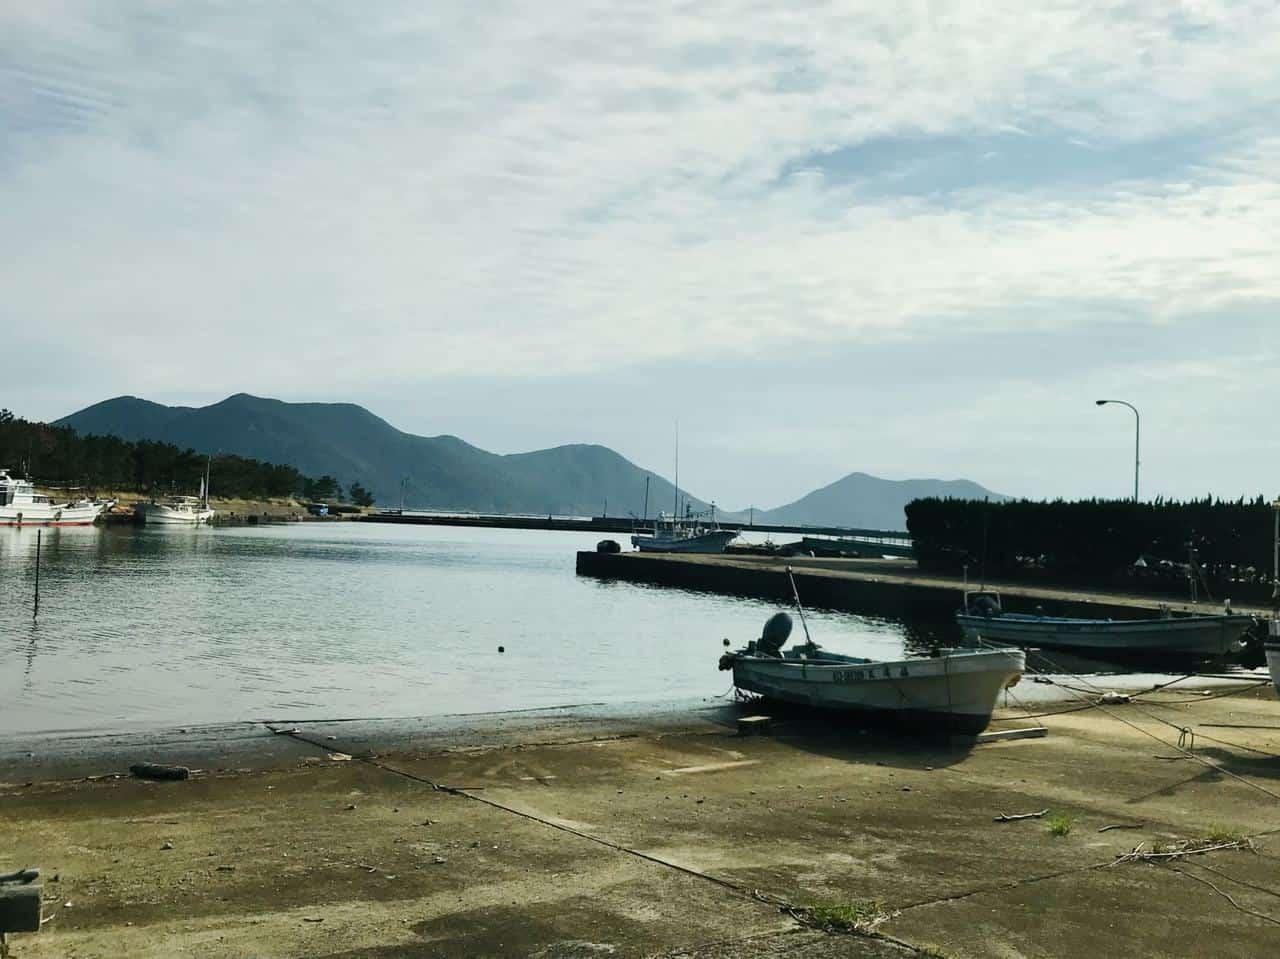 L'île d'Ojika : découverte d'un Japon authentique en dehors des sentiers battus